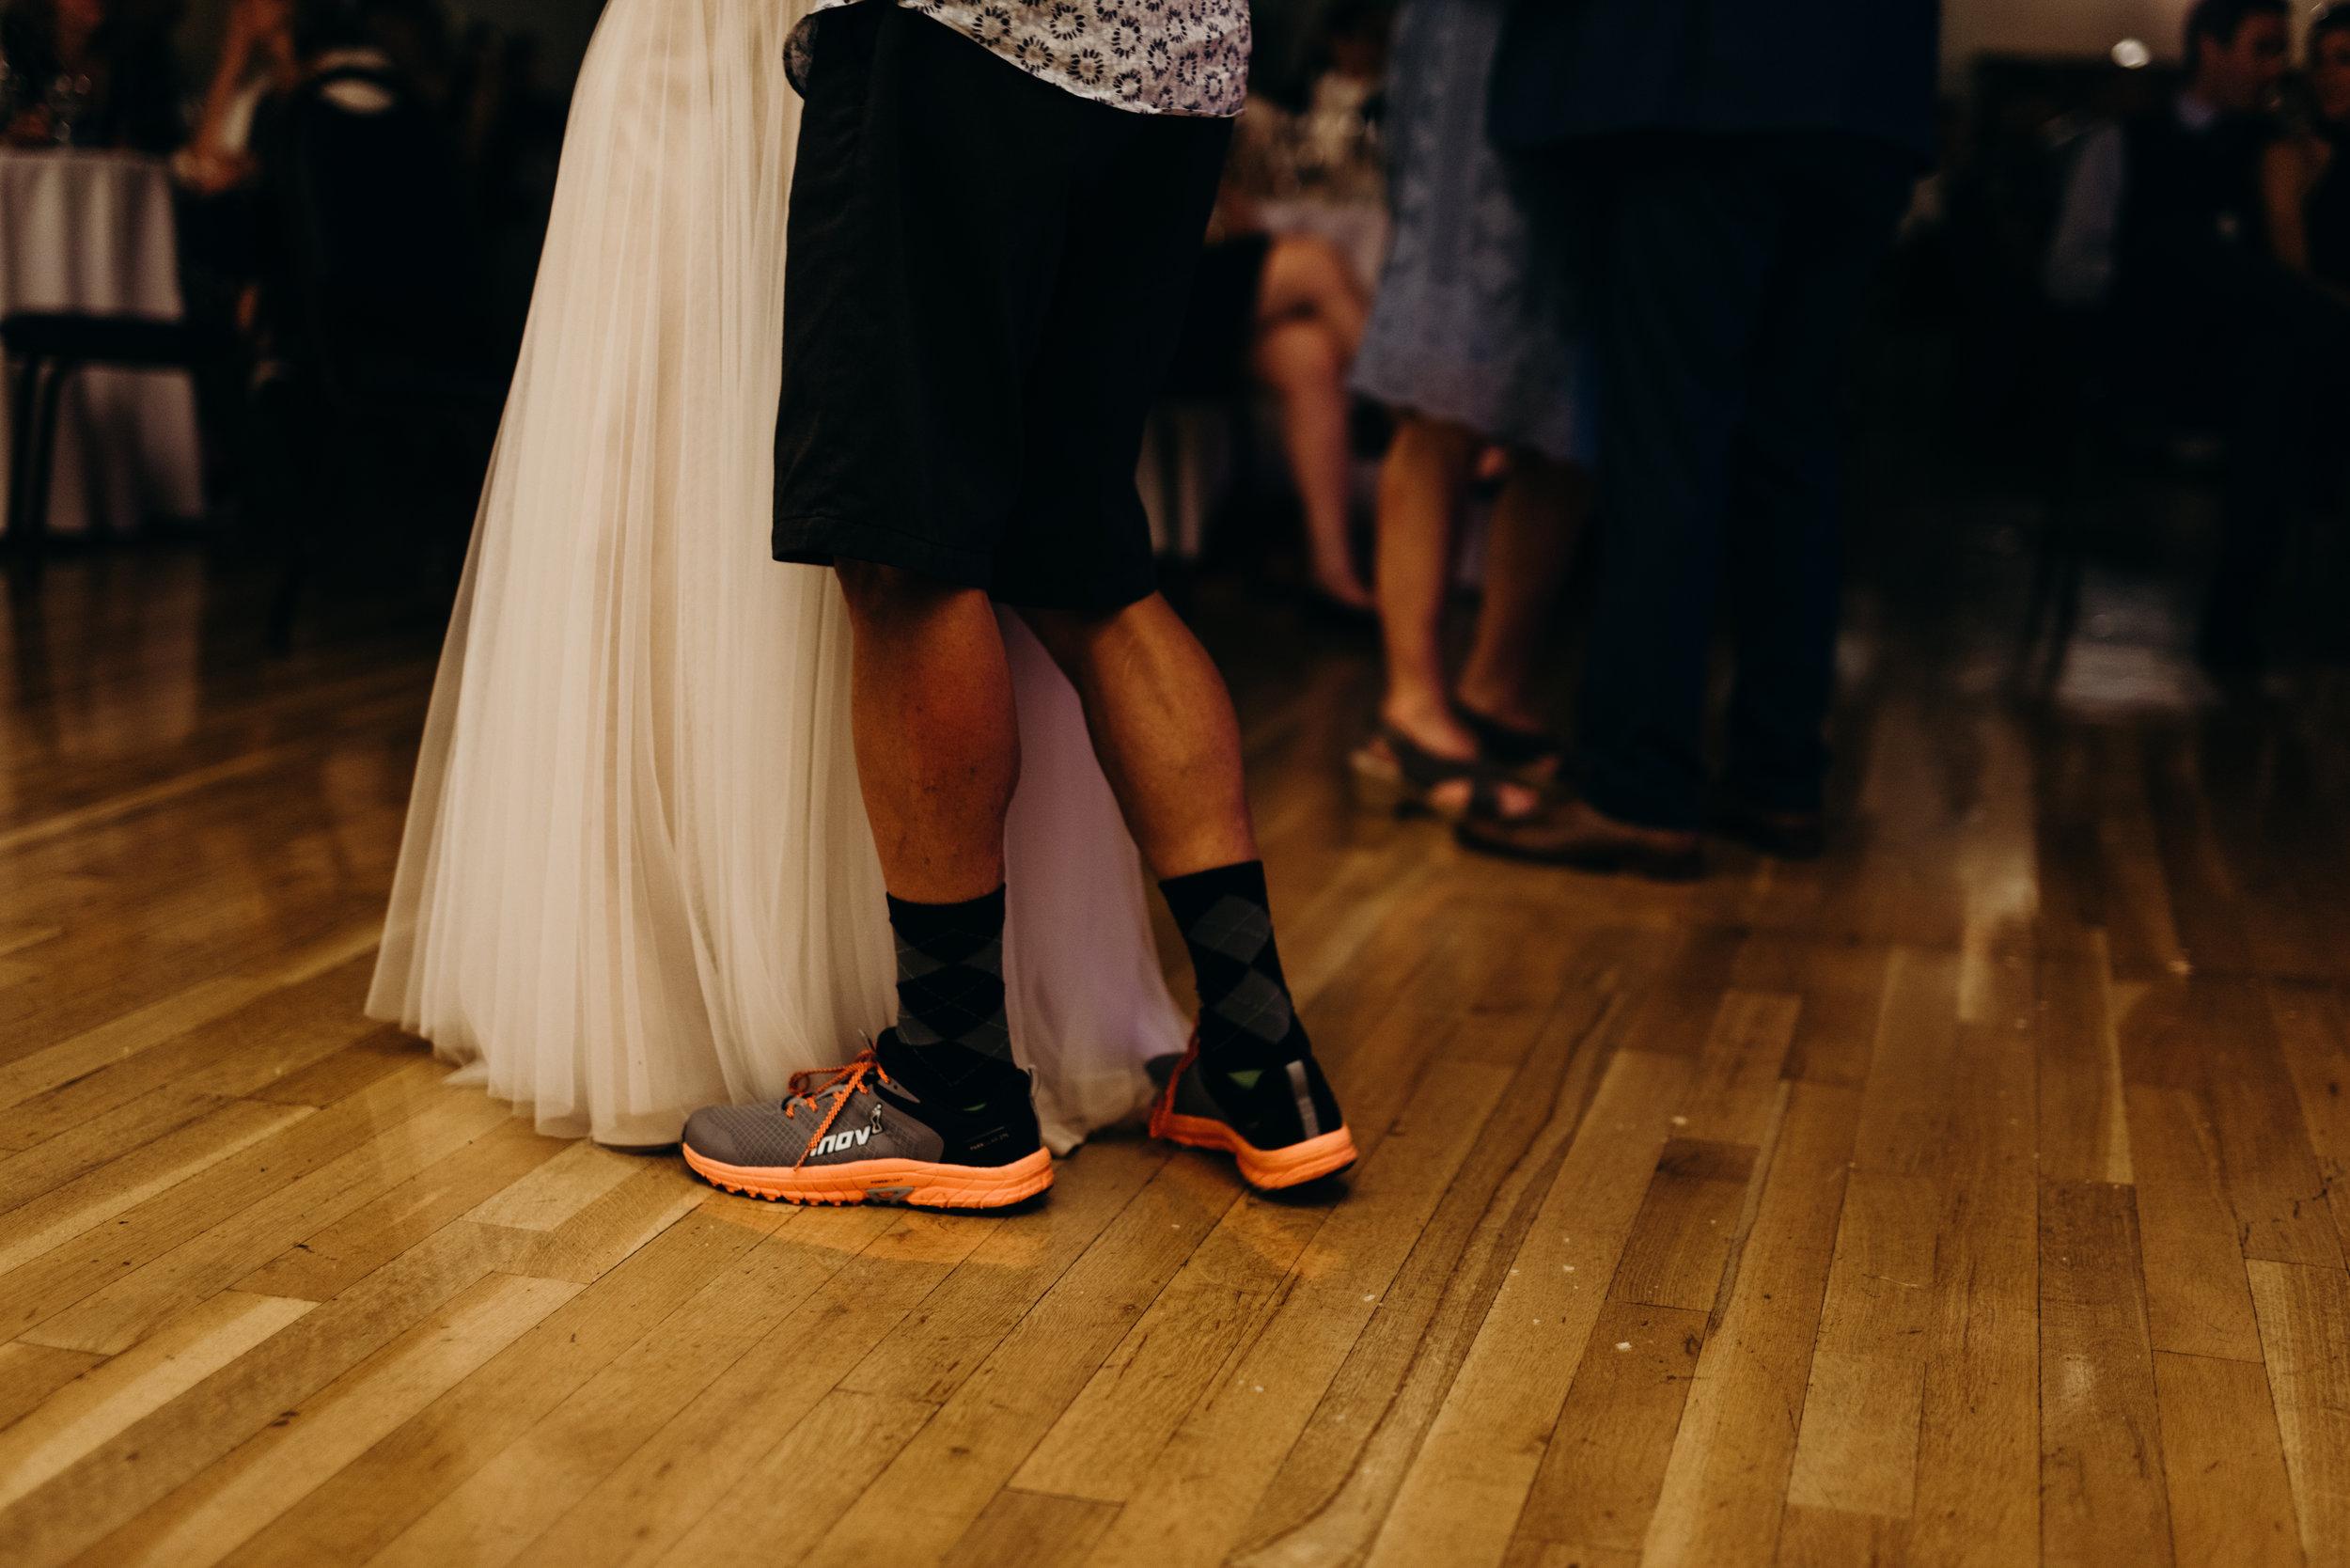 10 Dancing-4.jpg